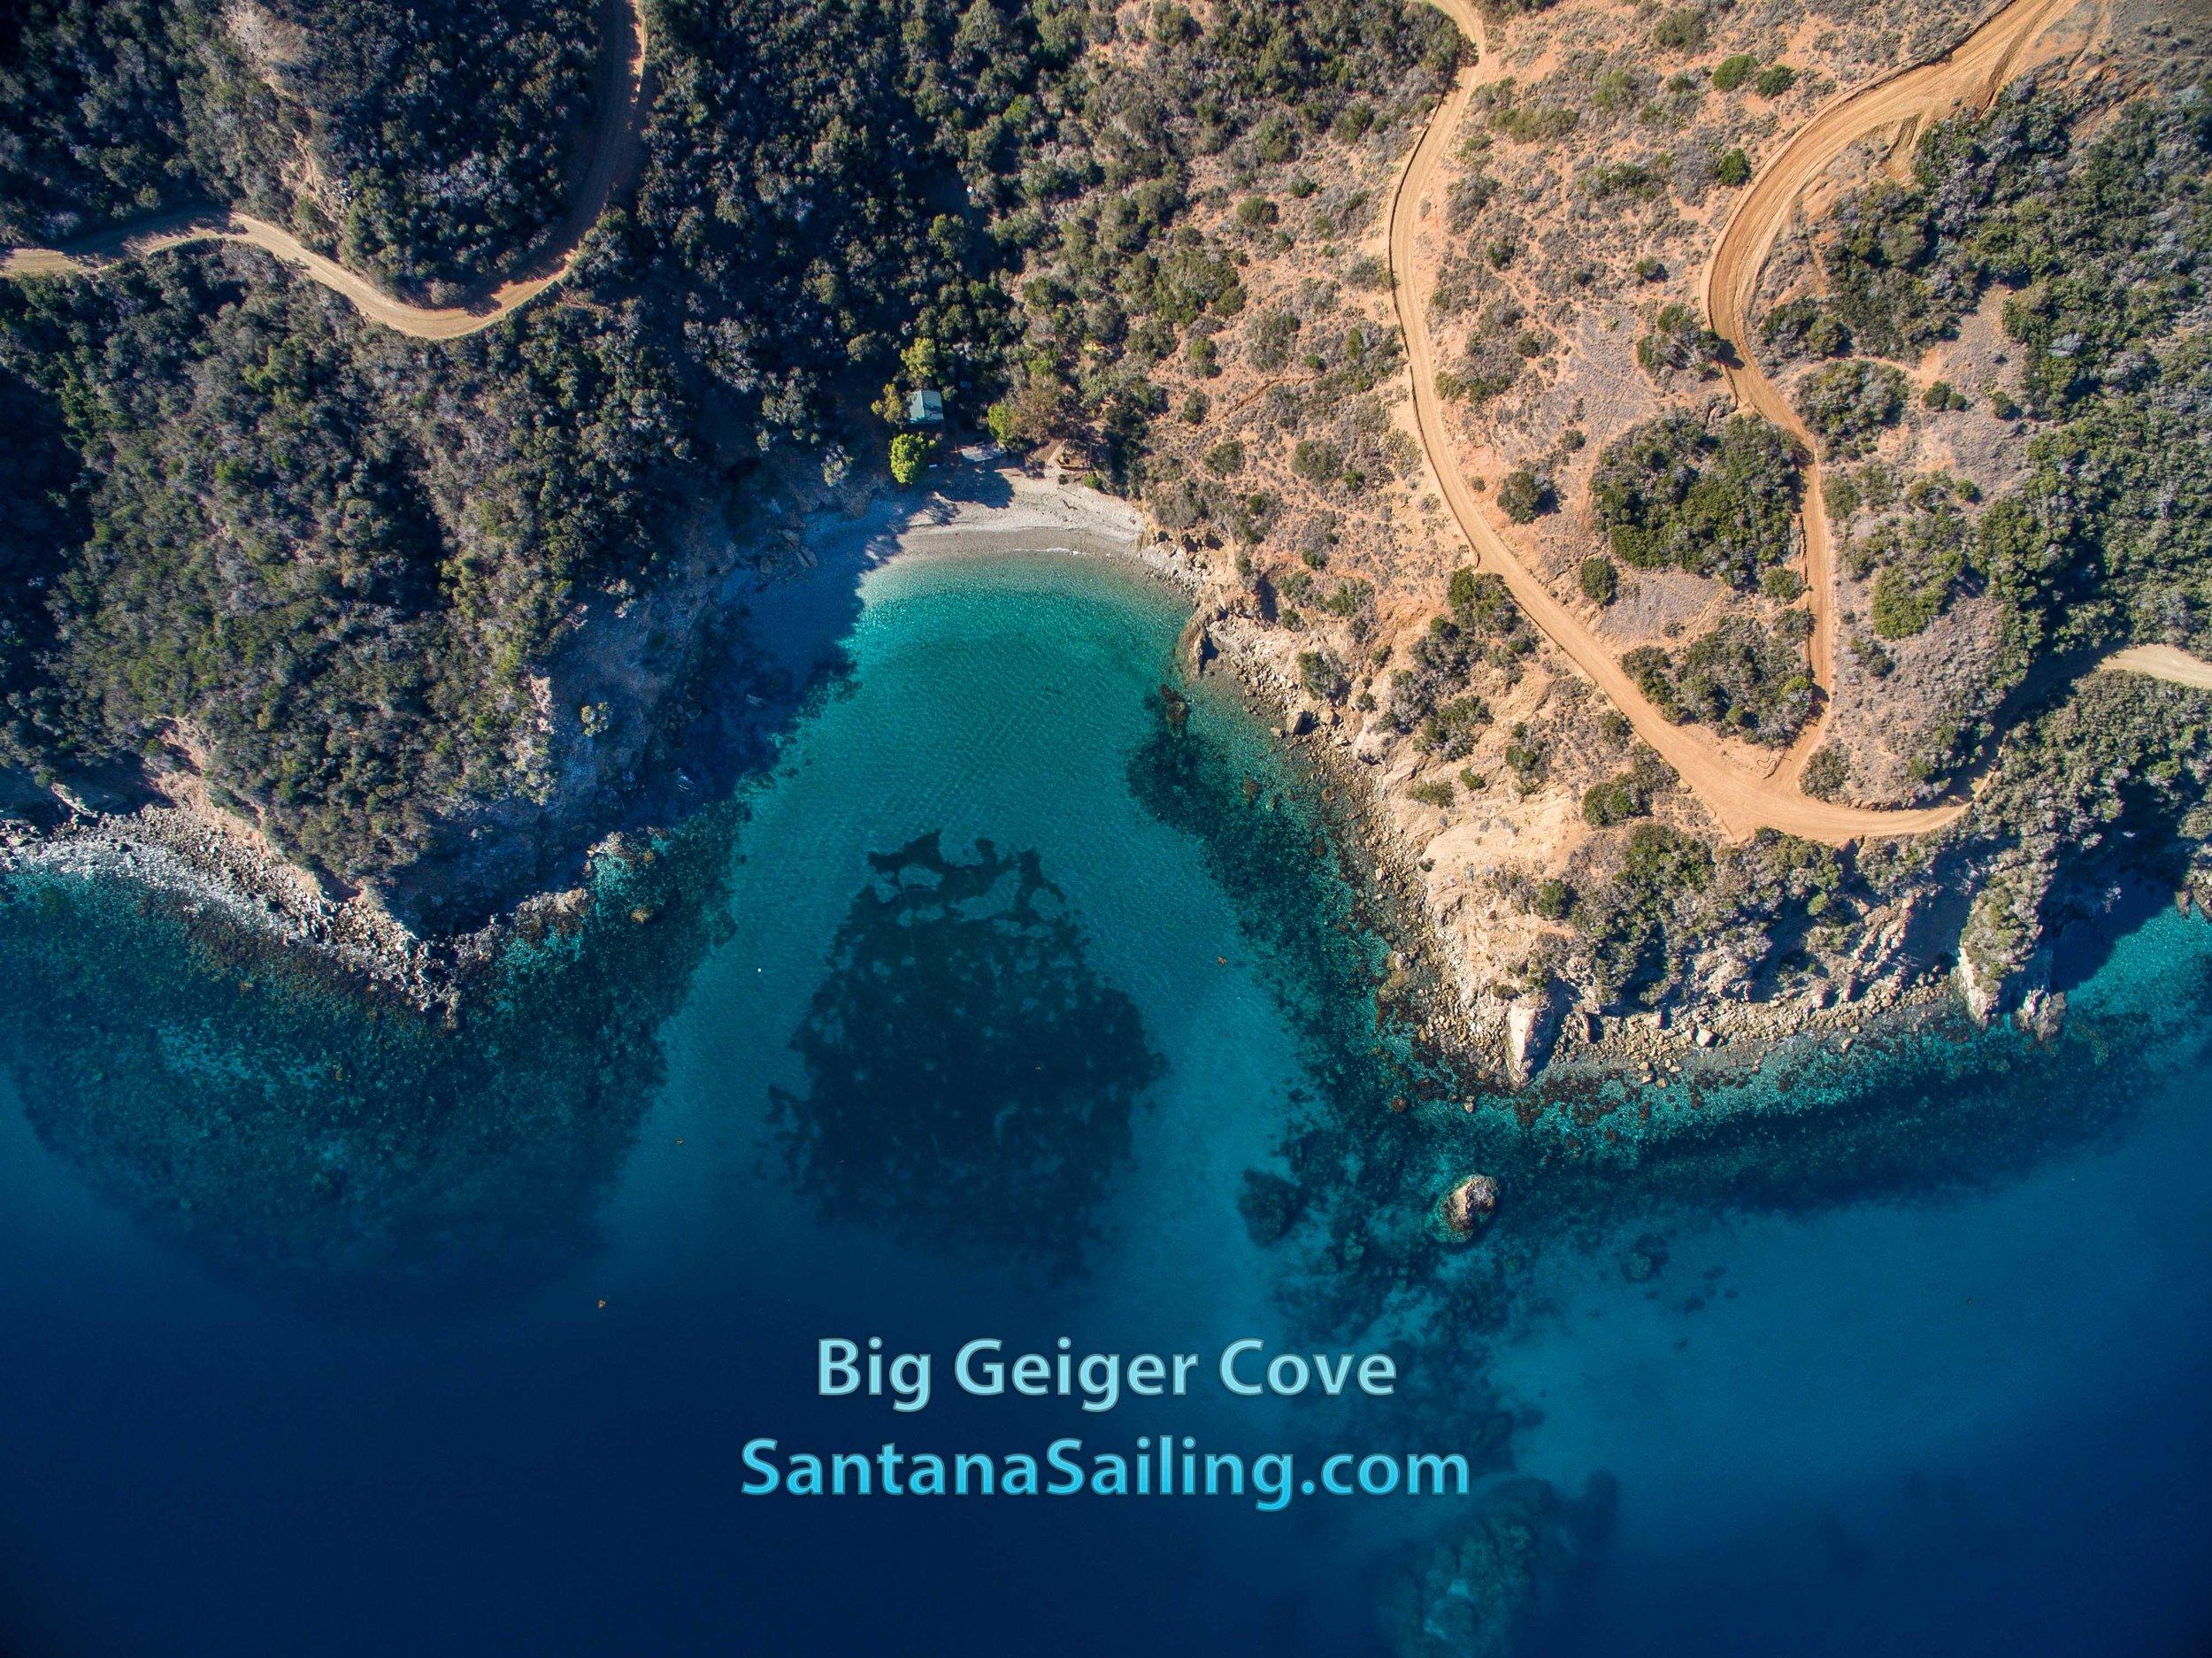 Big Geiger Cove - Sailing to Catalina Island